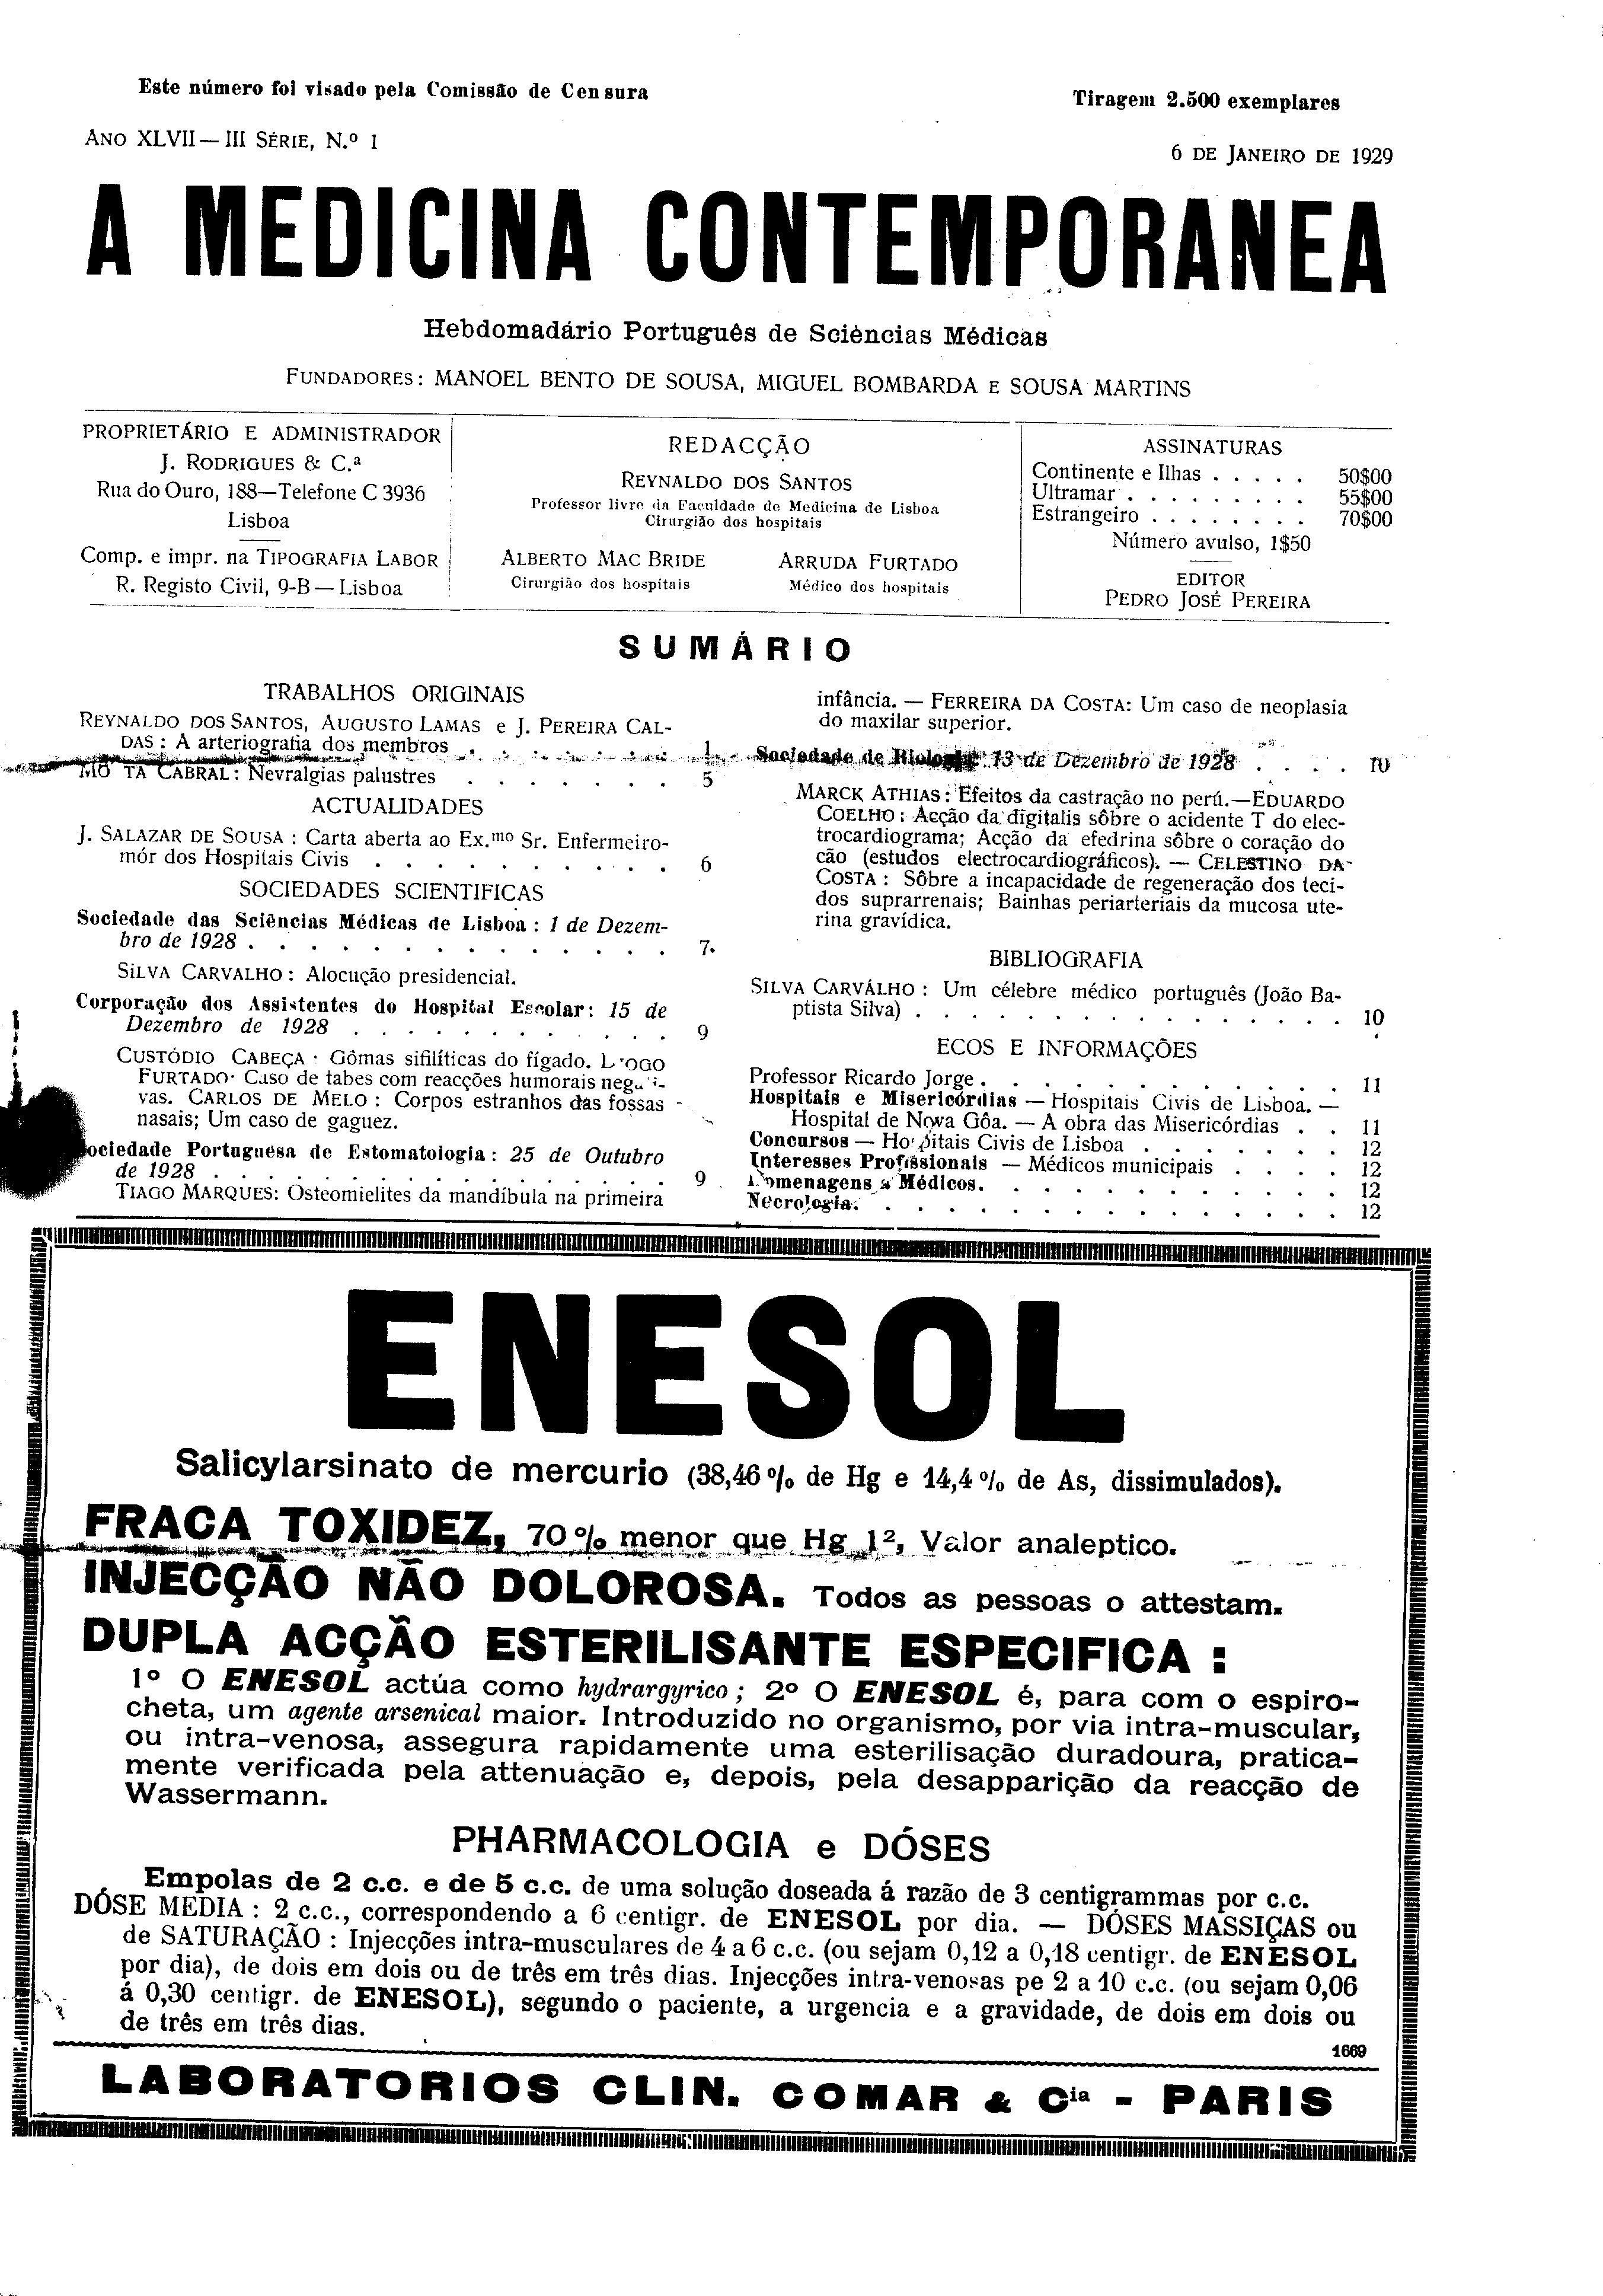 04423.015- pag.2